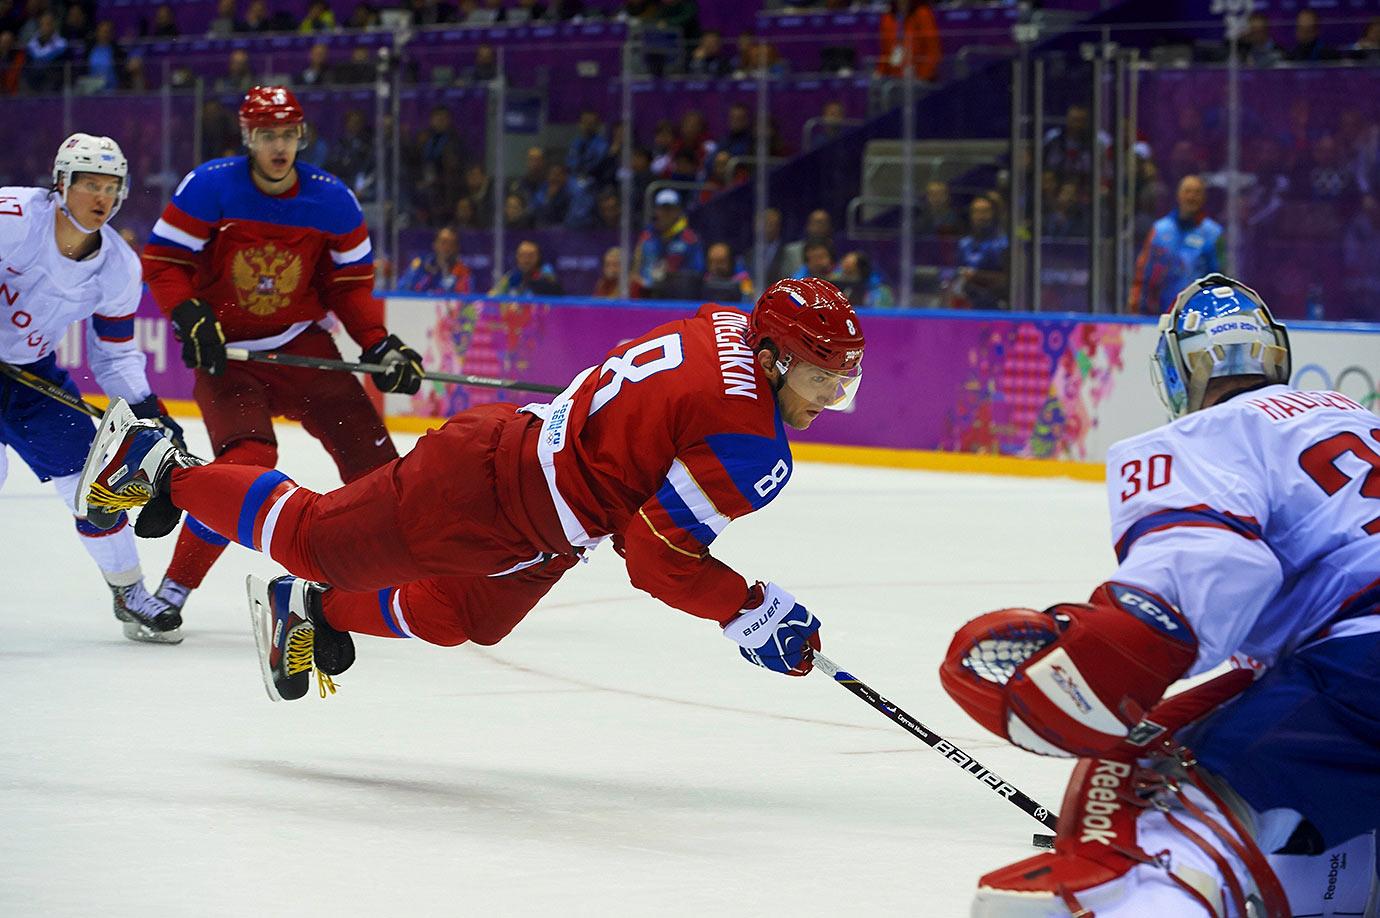 February 18, 2014 — Winter Olympics